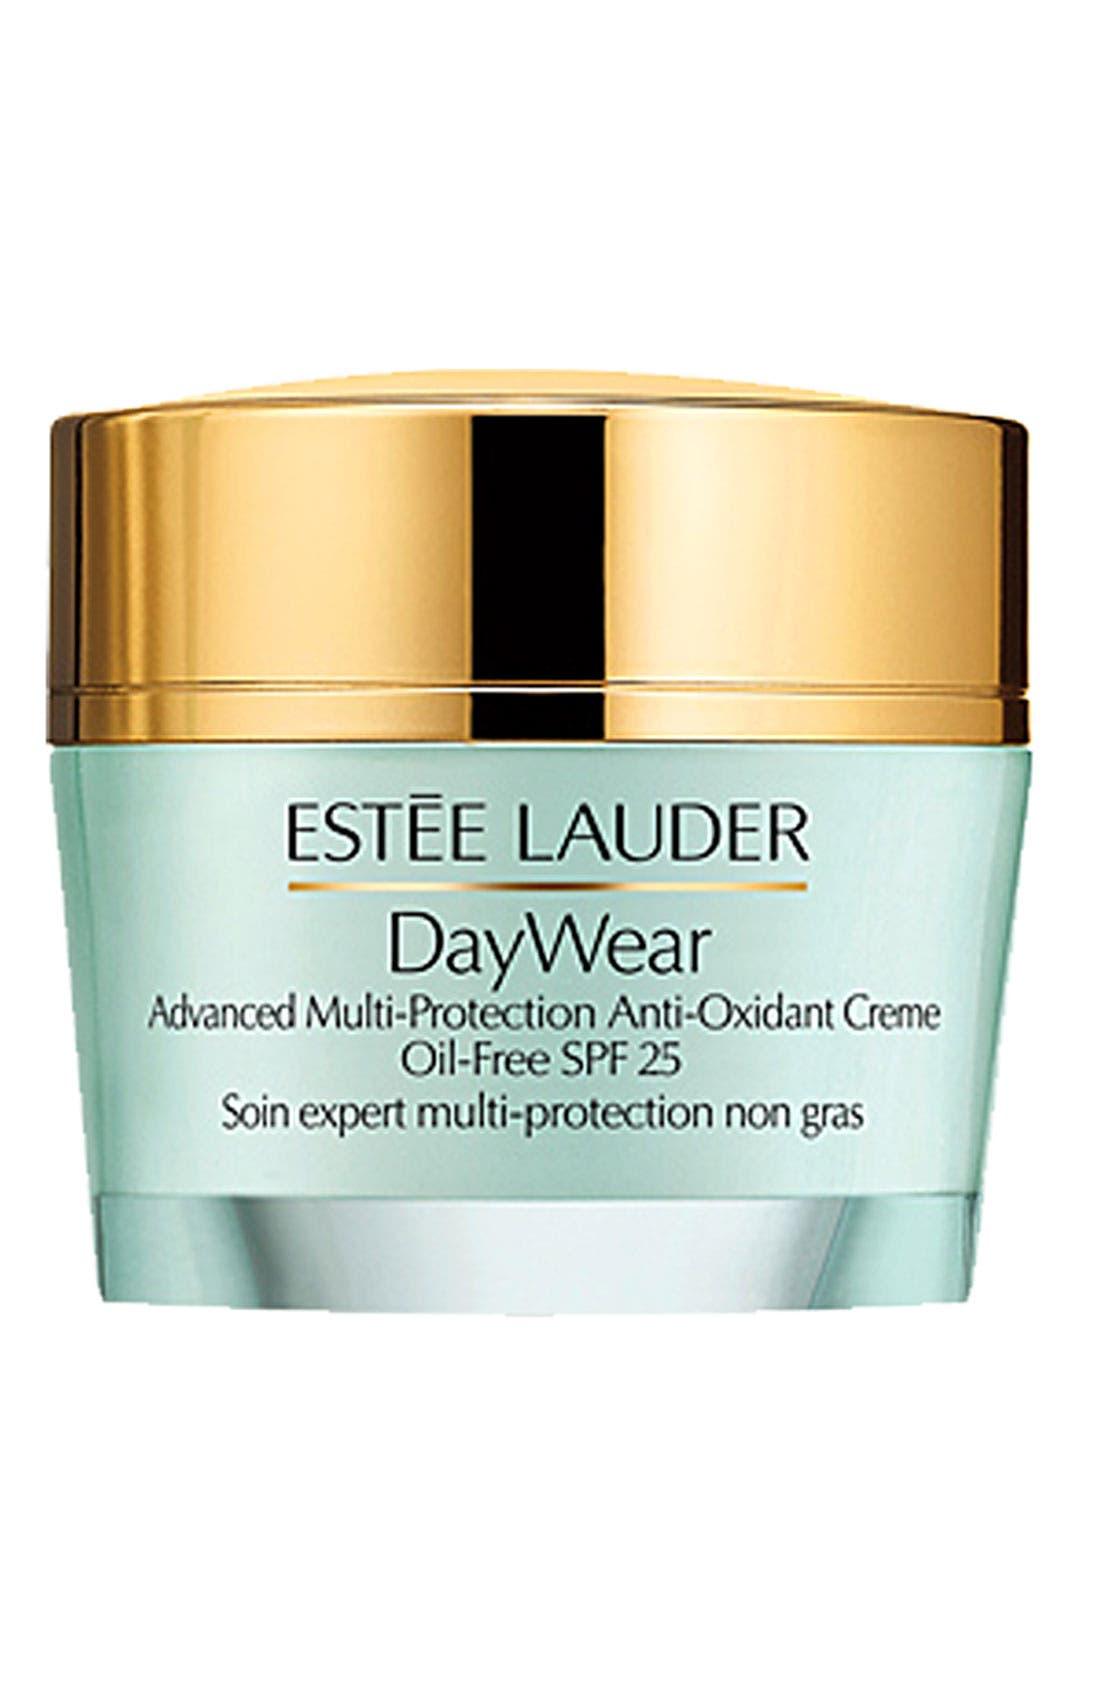 Estée Lauder DayWear Multi-Protection 24H-Moisture Crème Oil-Free